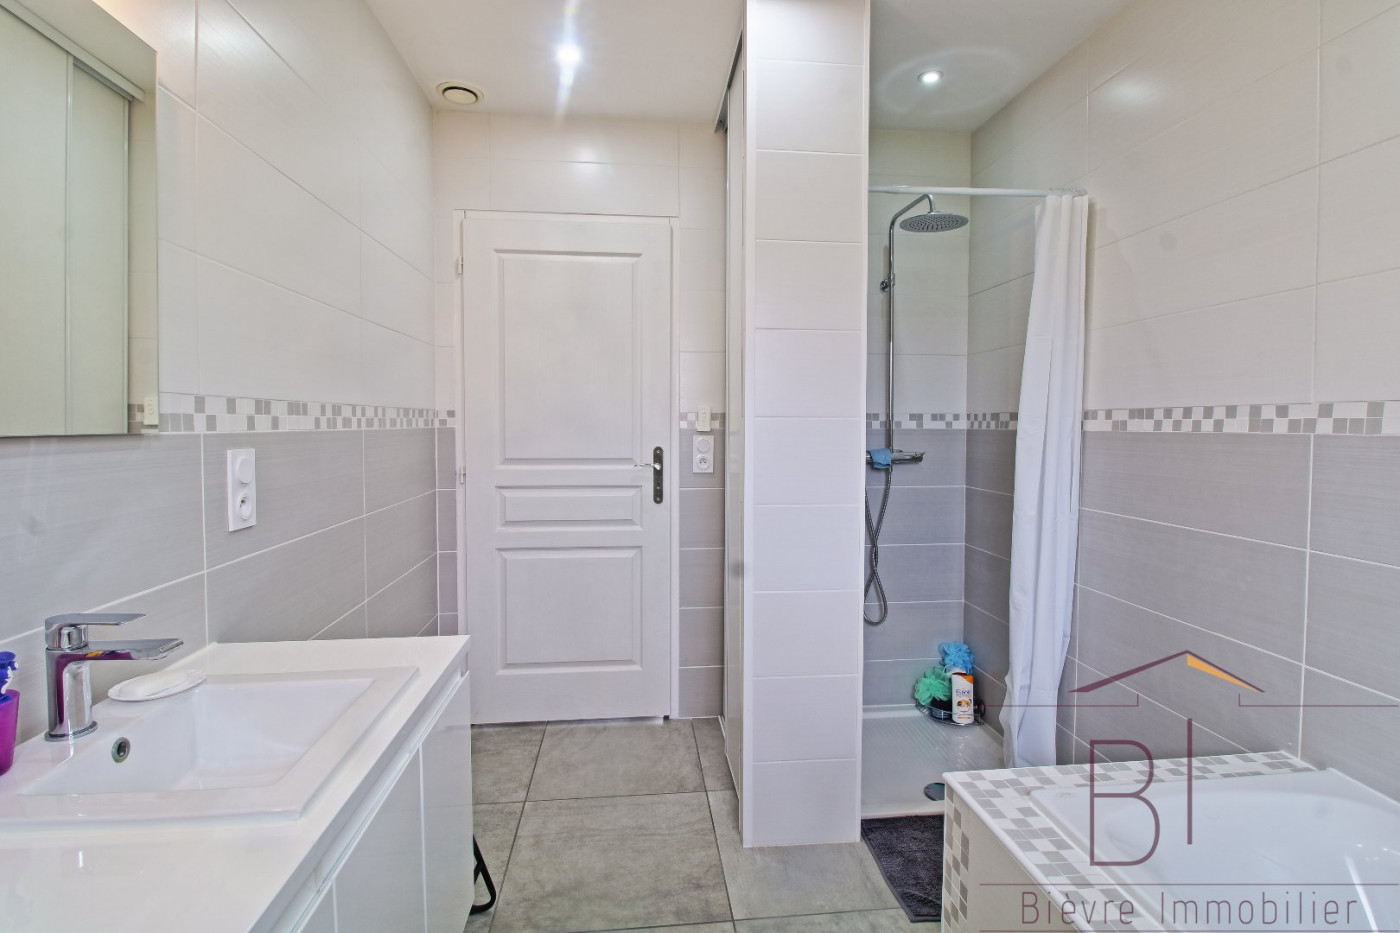 A vendre  La Cote Saint Andre | Réf 380422446 - Bievre immobilier